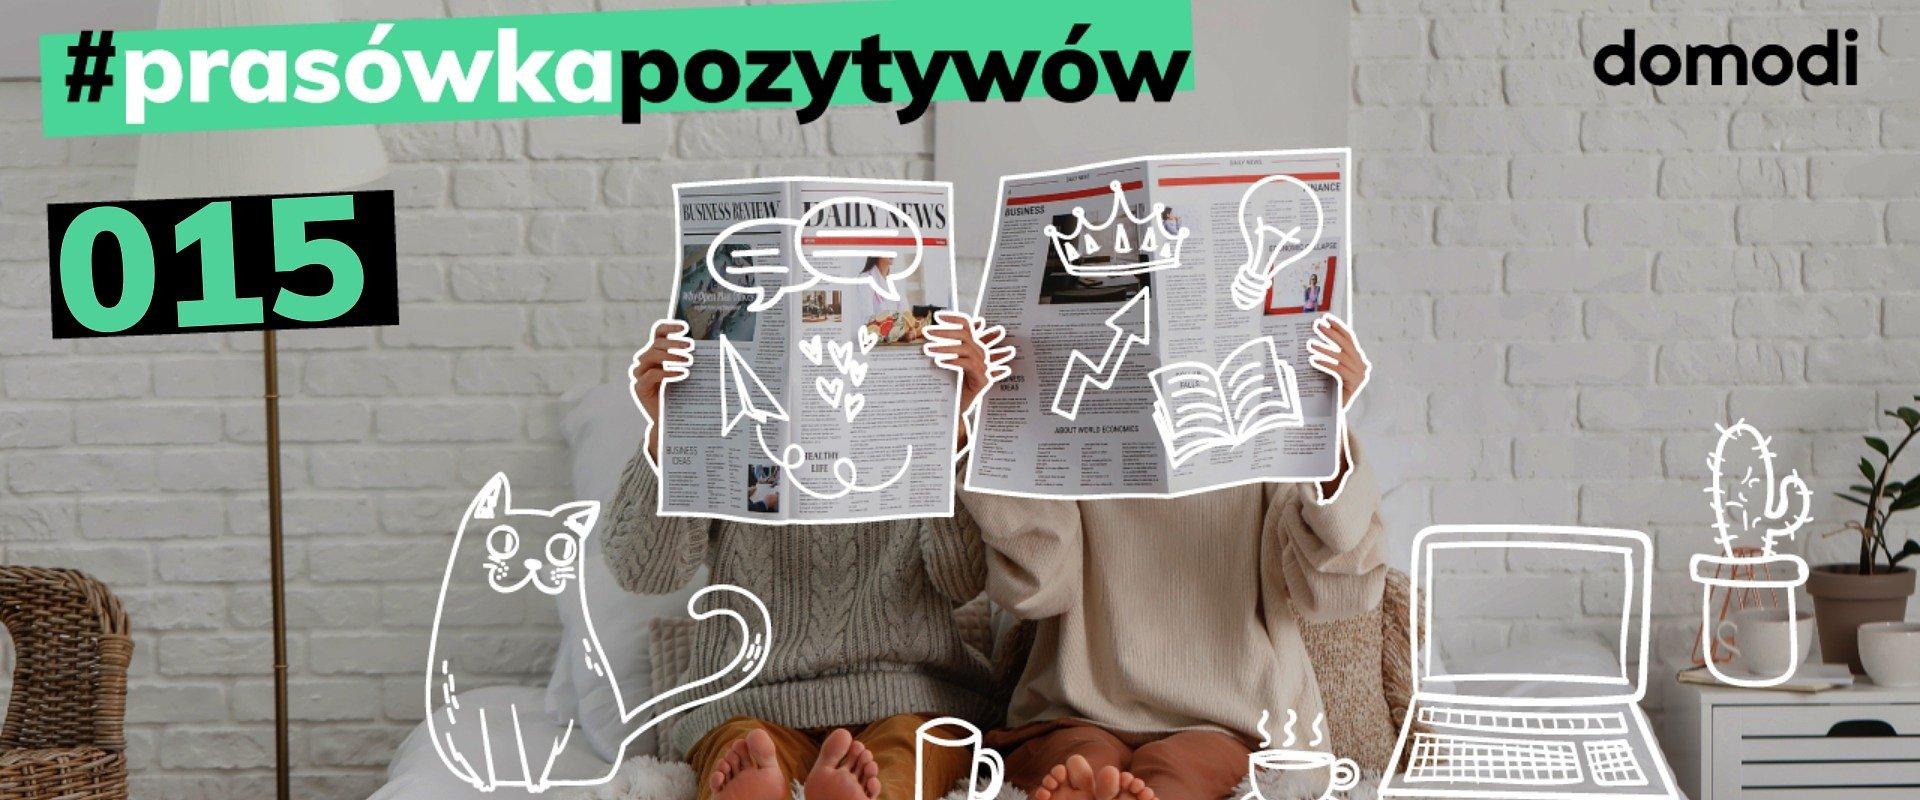 #prasówkapozytywów vol.15